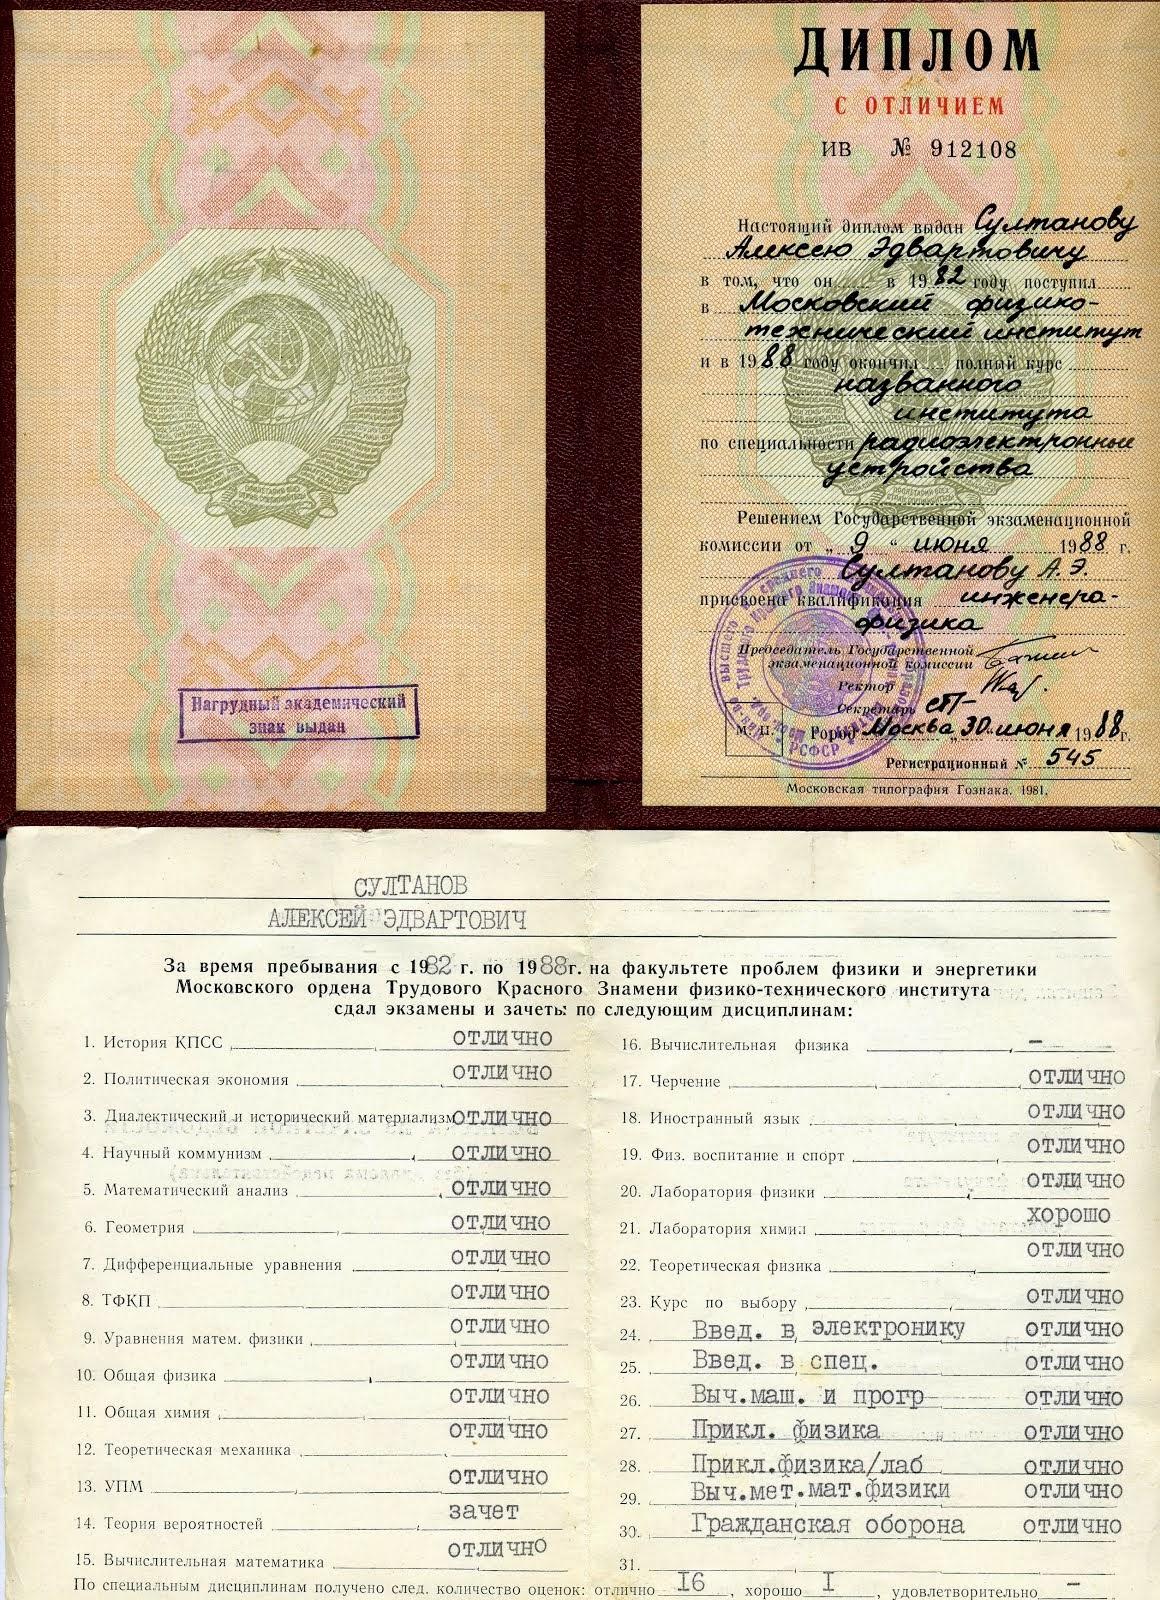 Ваш репетитор в Москве поможет найти репетитора по математике даже с красным дипломом МФТИ